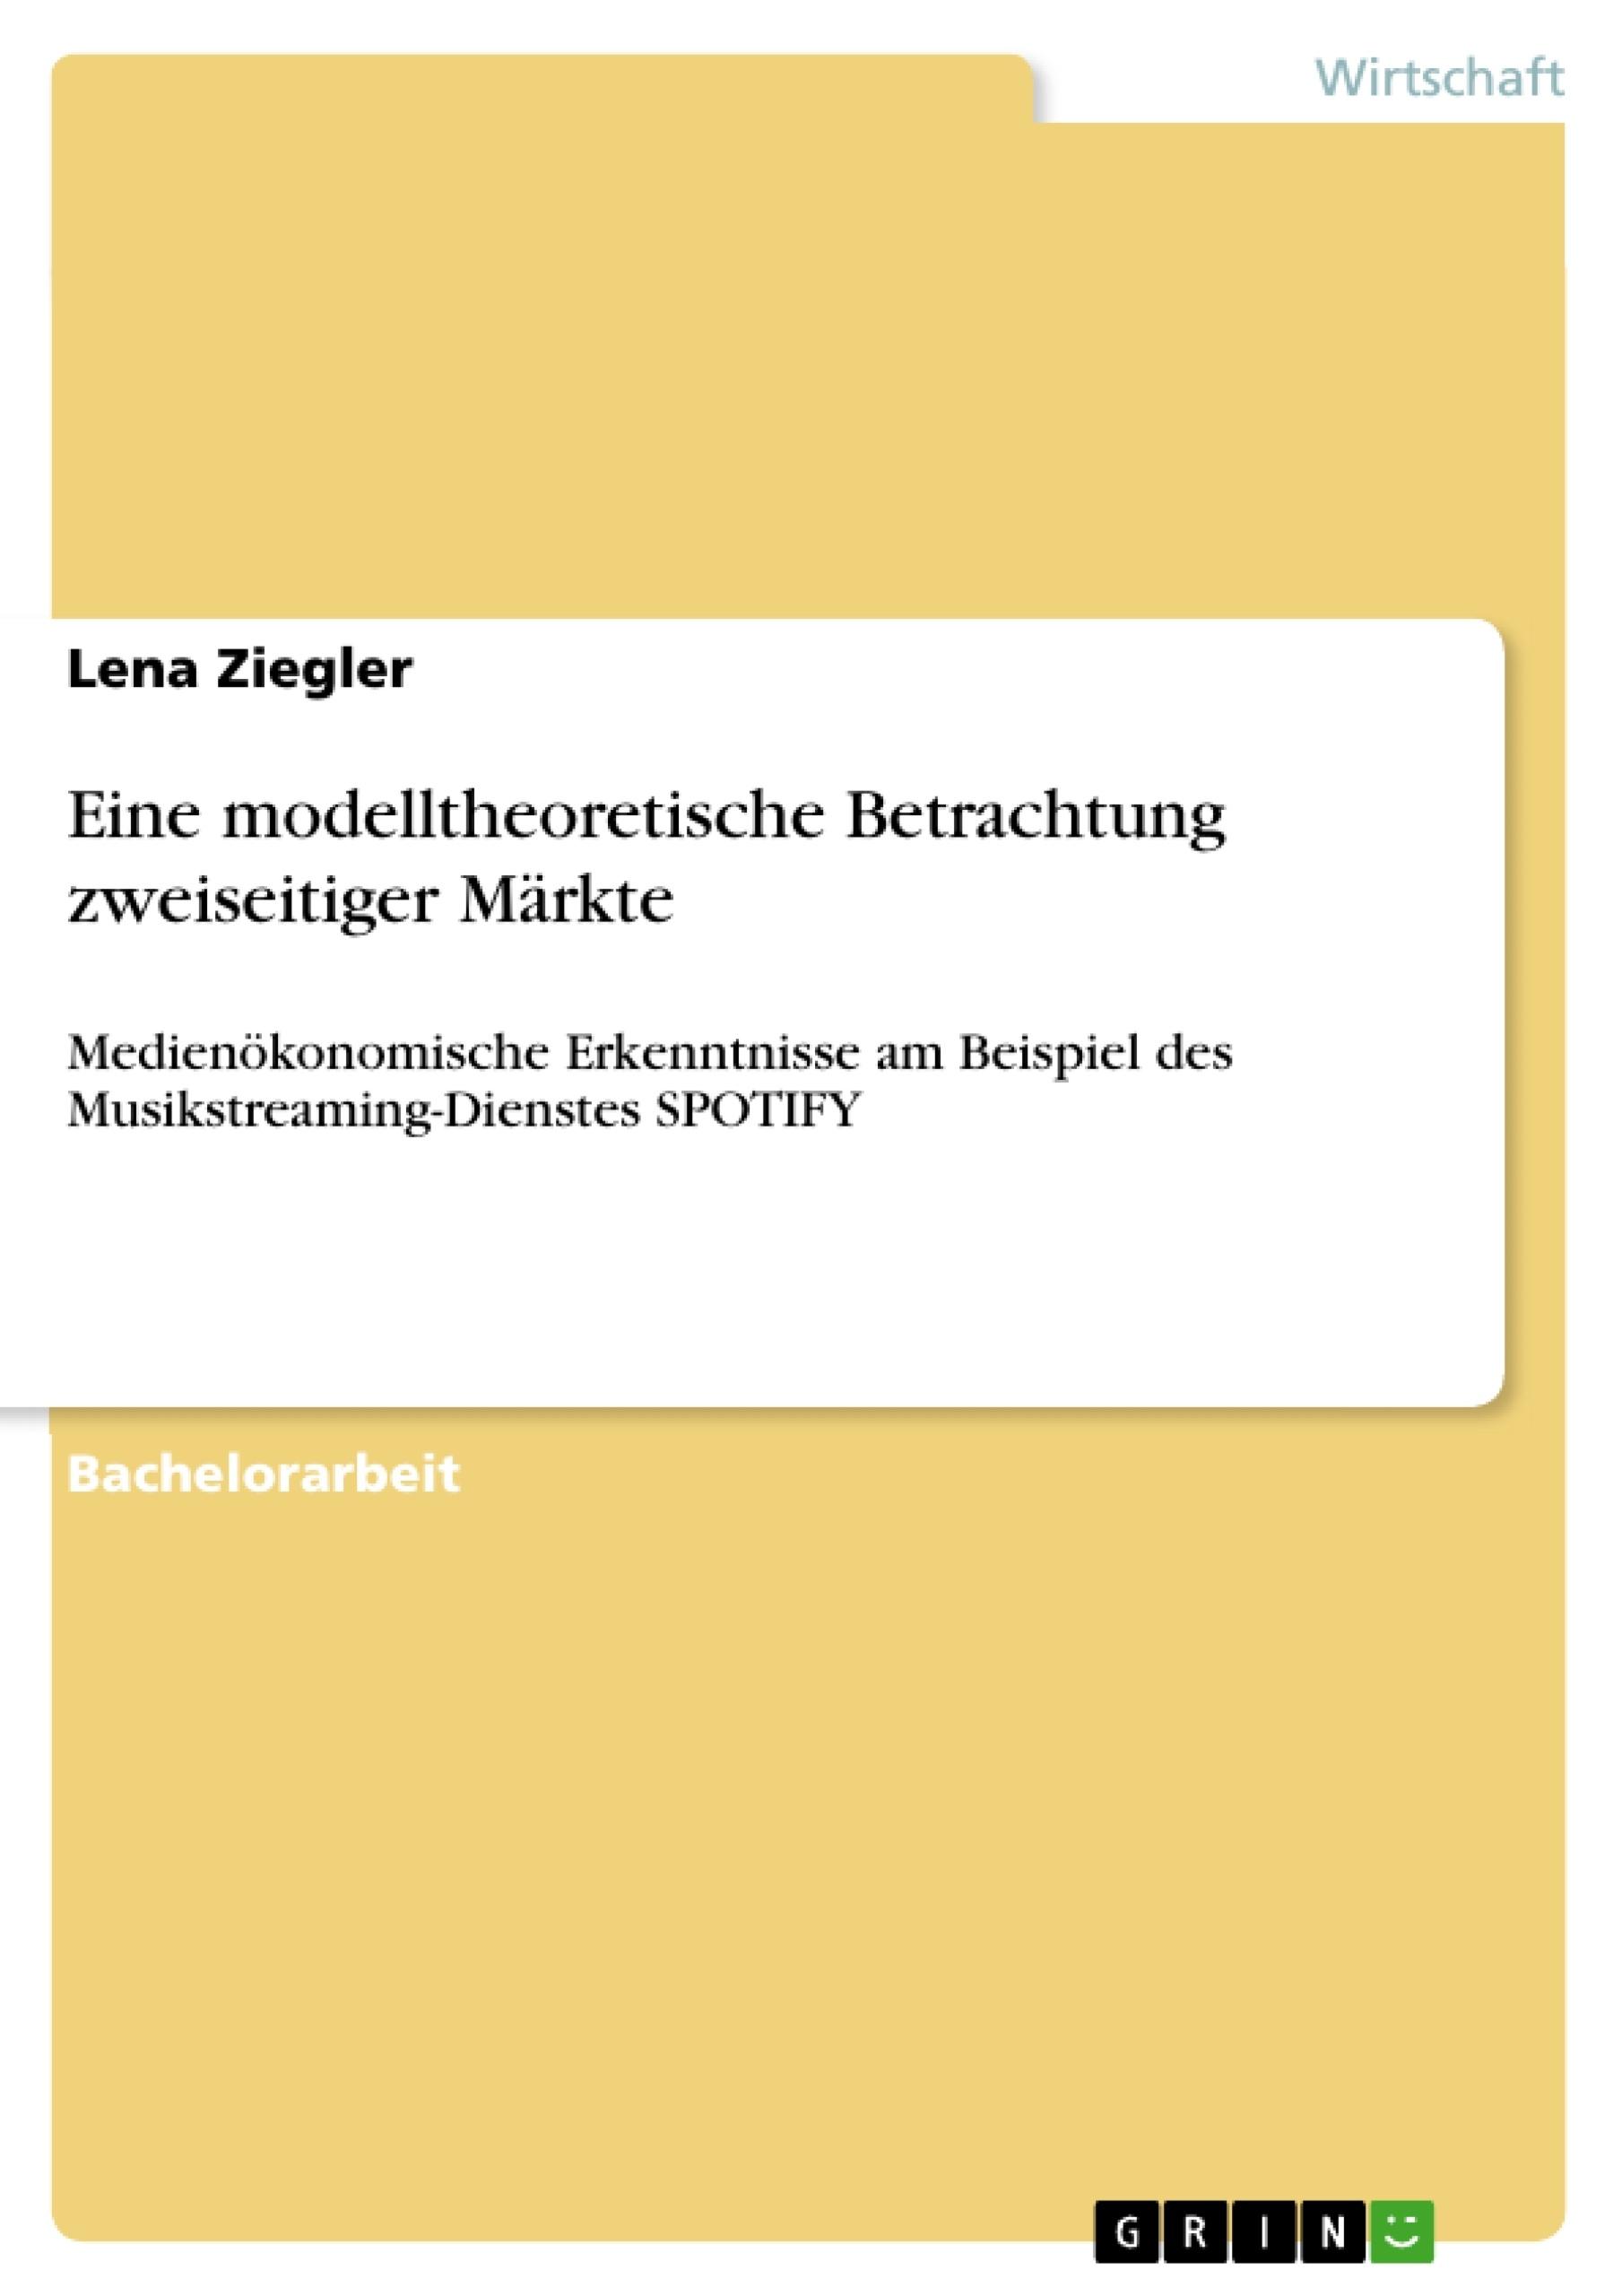 Titel: Eine modelltheoretische Betrachtung zweiseitiger Märkte